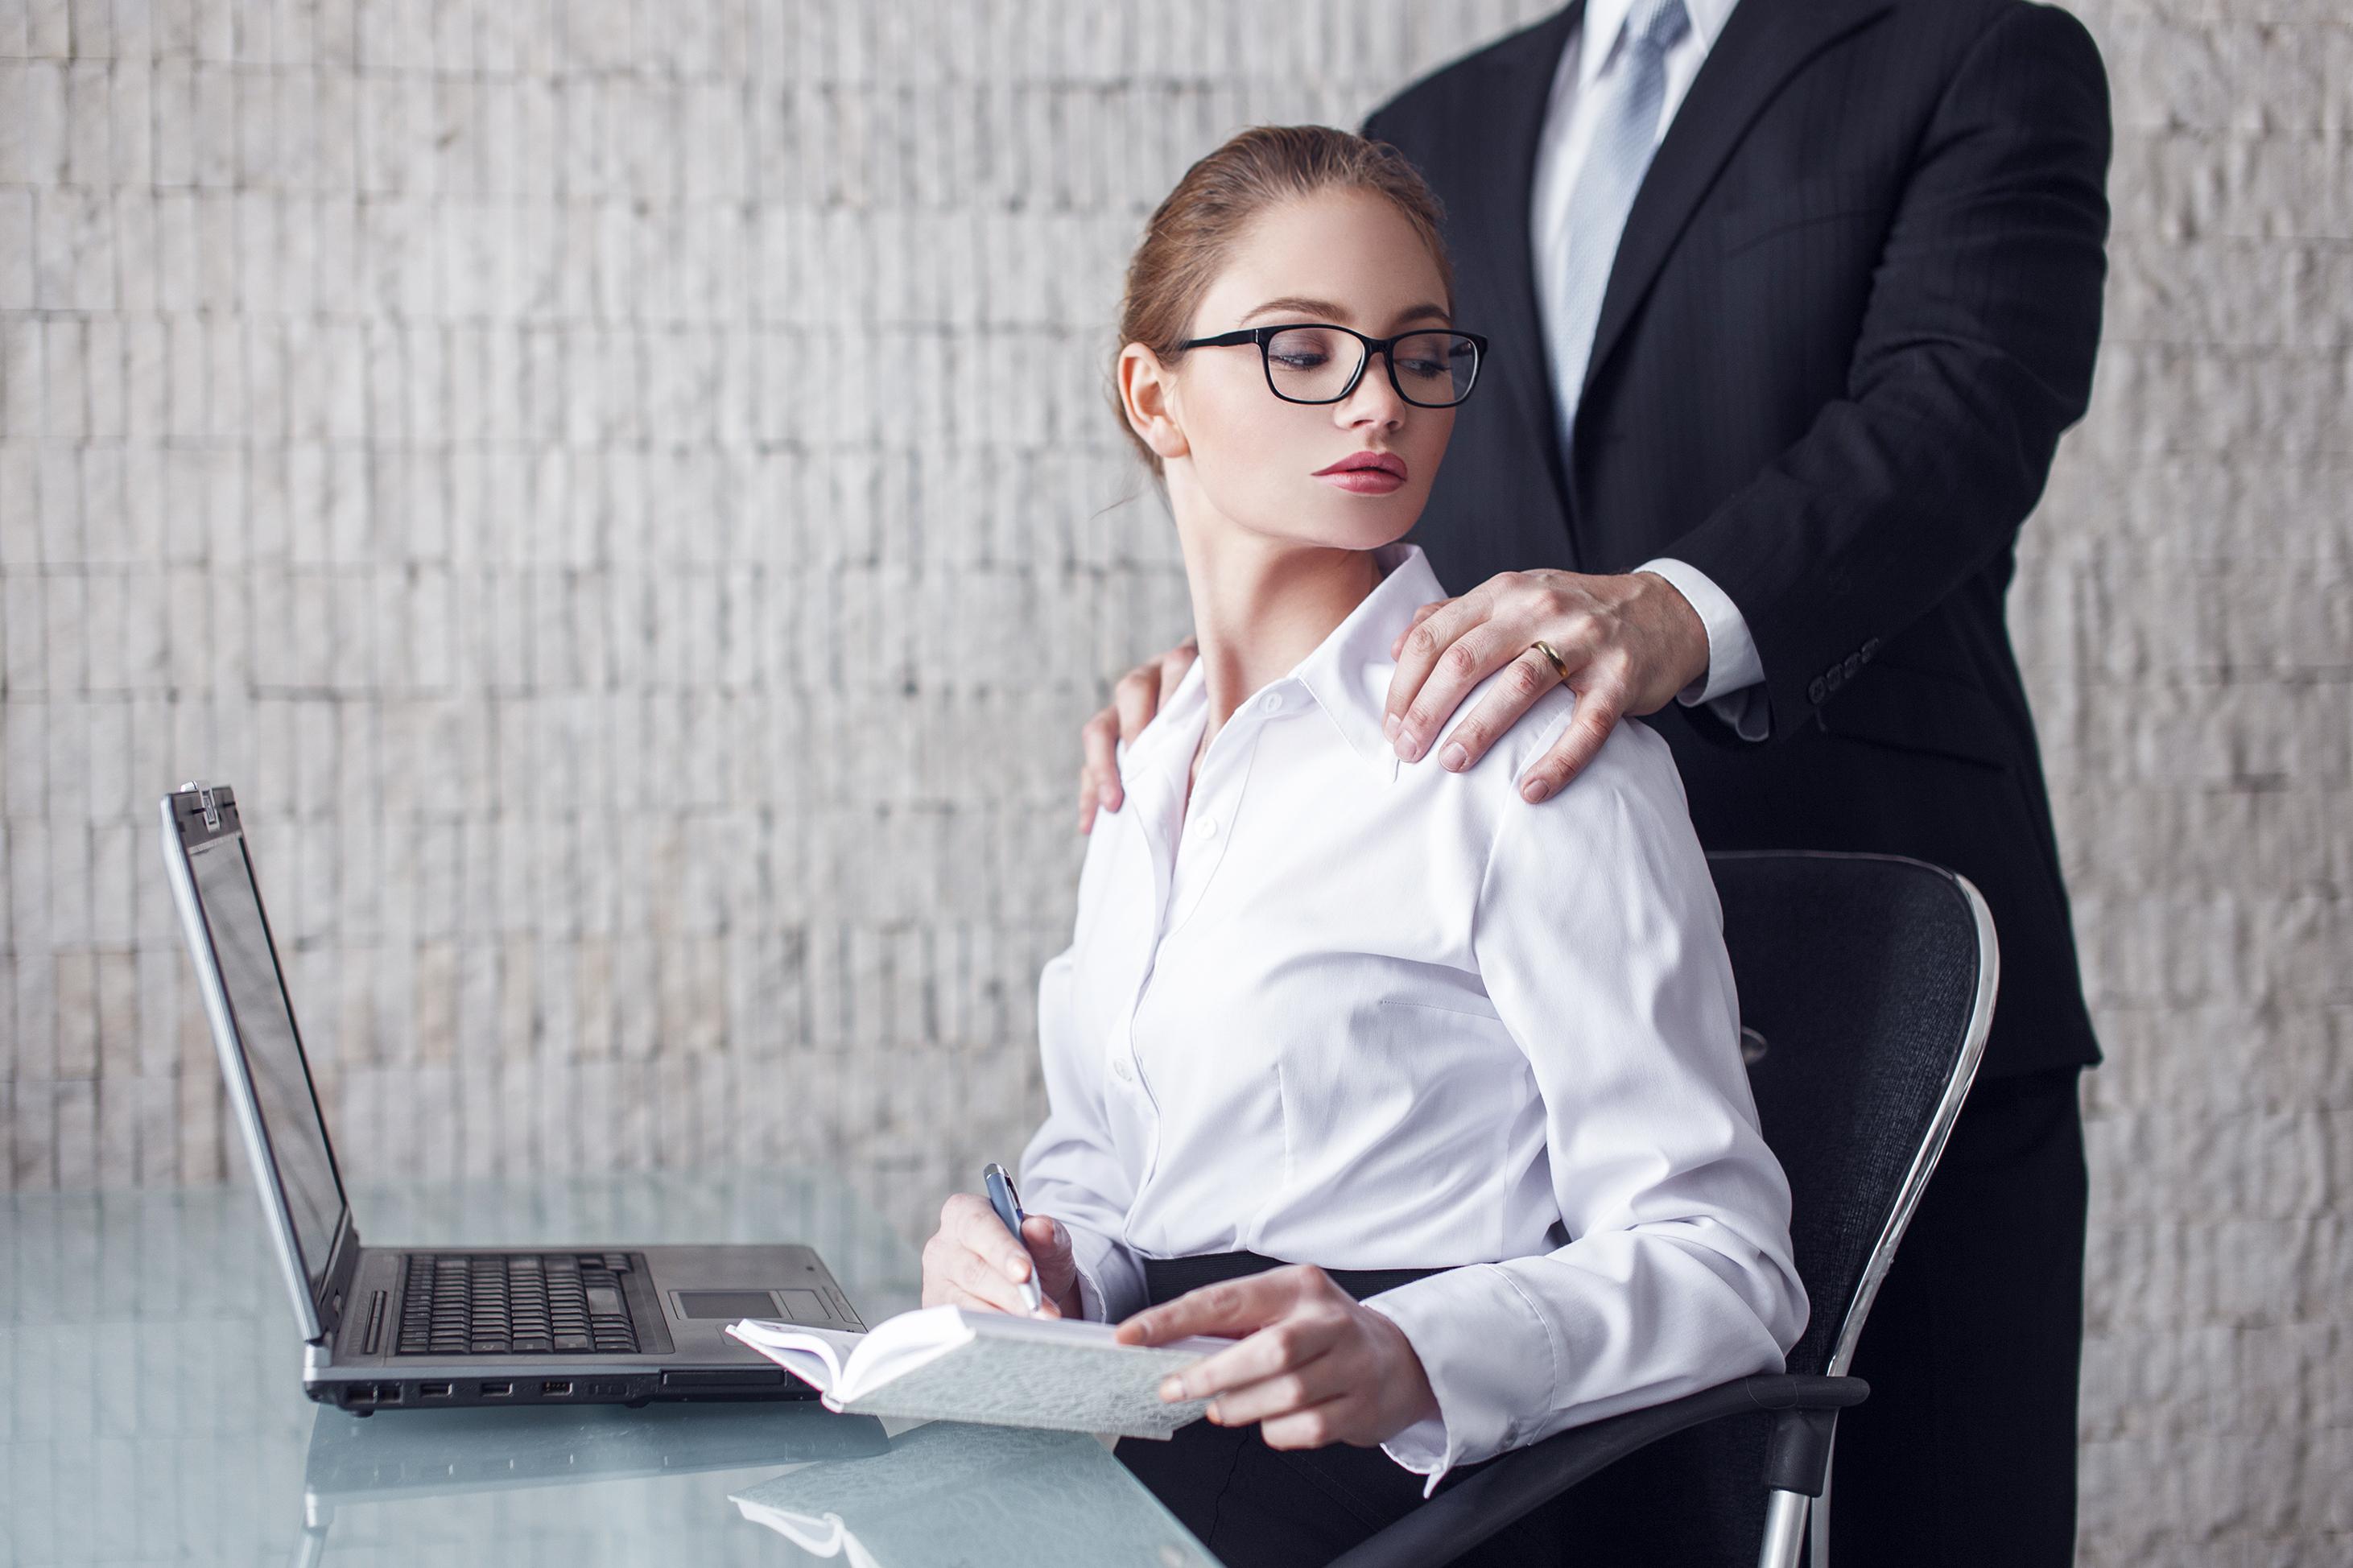 Секс в шефам, Секс с секретаршами - качественное бесплатное порно 40 фотография